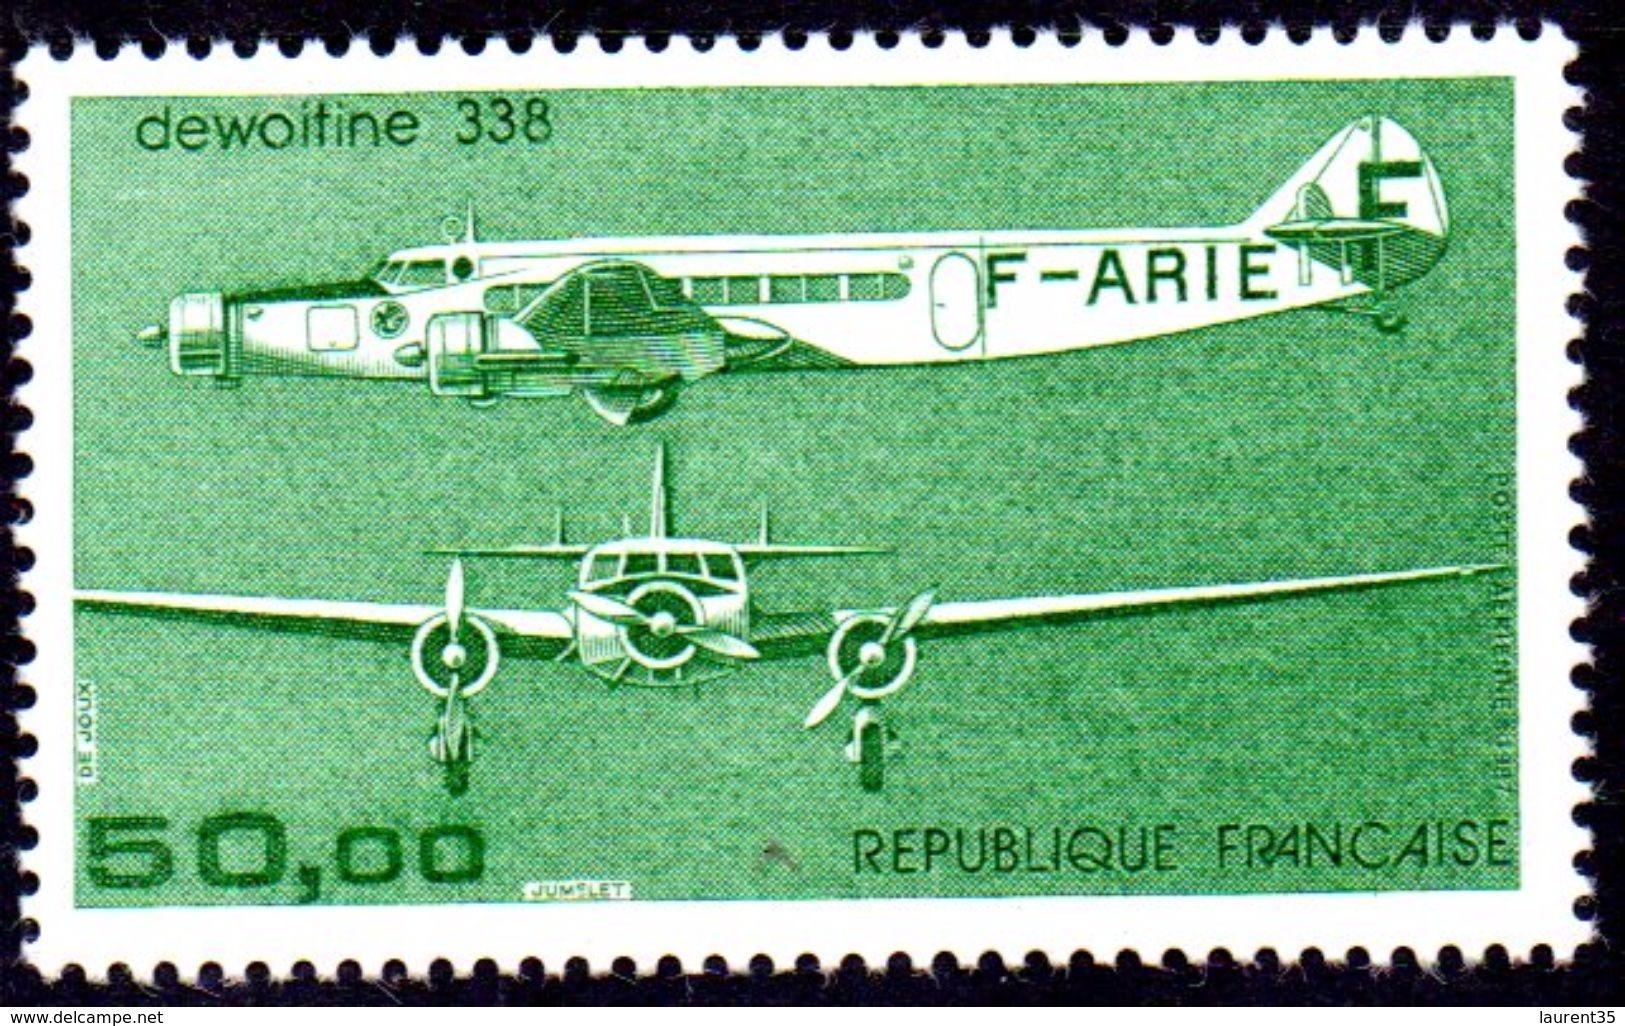 France. Poste Aerienne No 60 .dewoitine 338. Annee 1987 N** - Posta Aerea